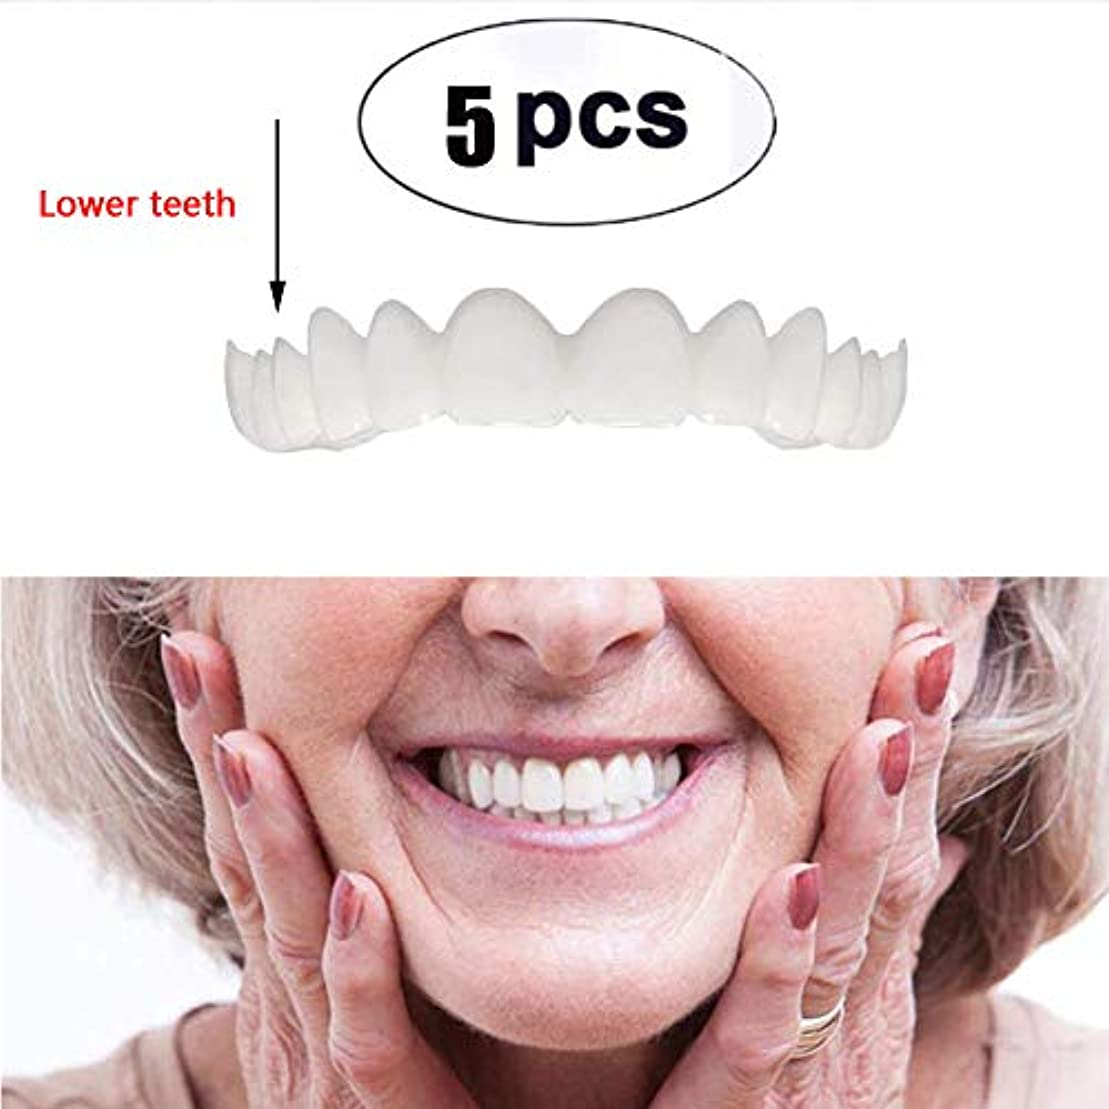 パス識別する傾く5ピース下の歯一時的な化粧品の歯化粧品模擬ブレースホワイトニング歯スナップキャップインスタント快適なフレックスパーフェクトベニア